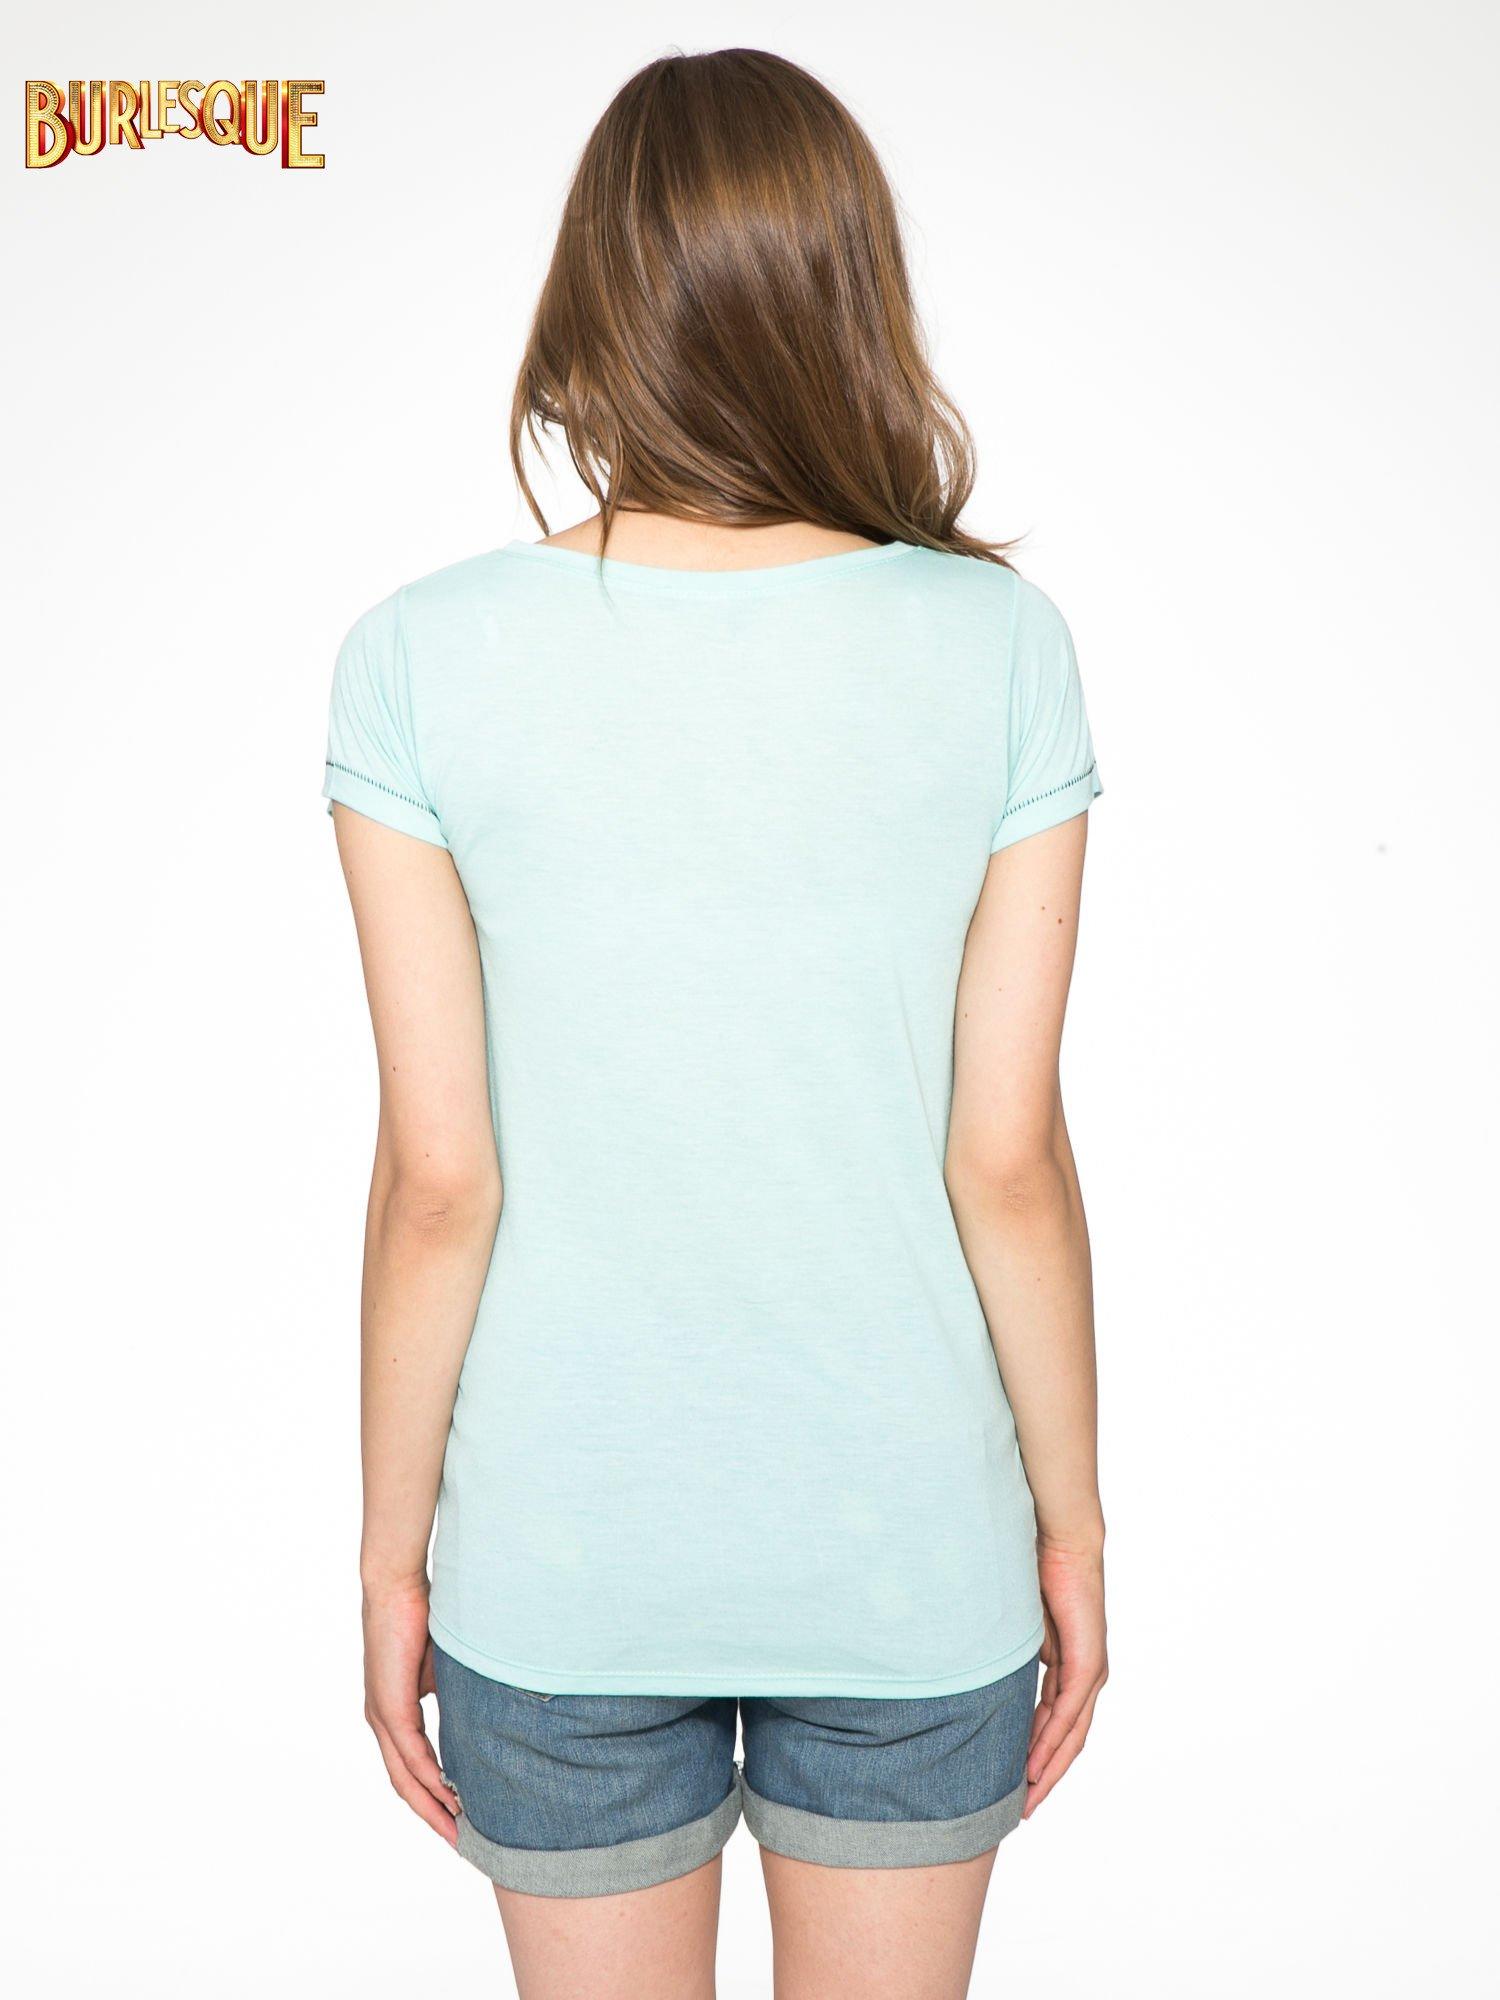 Zielony t-shirt z błyszczącym numerem 1983                                  zdj.                                  4